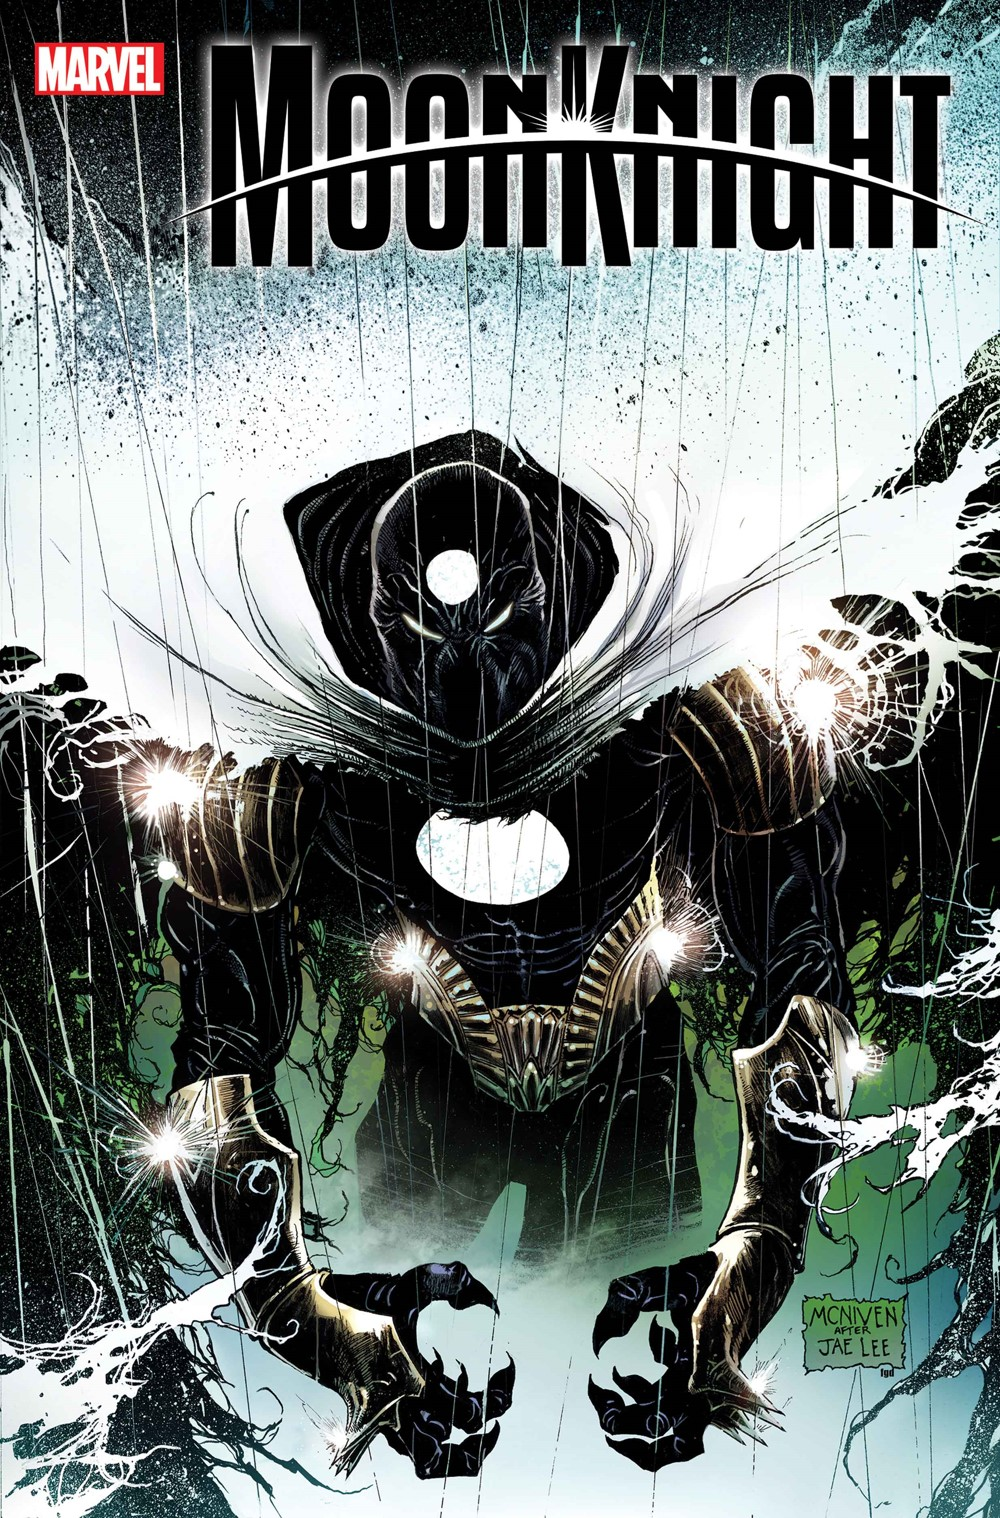 MOONKN2021003_Cov Marvel Comics September 2021 Solicitations